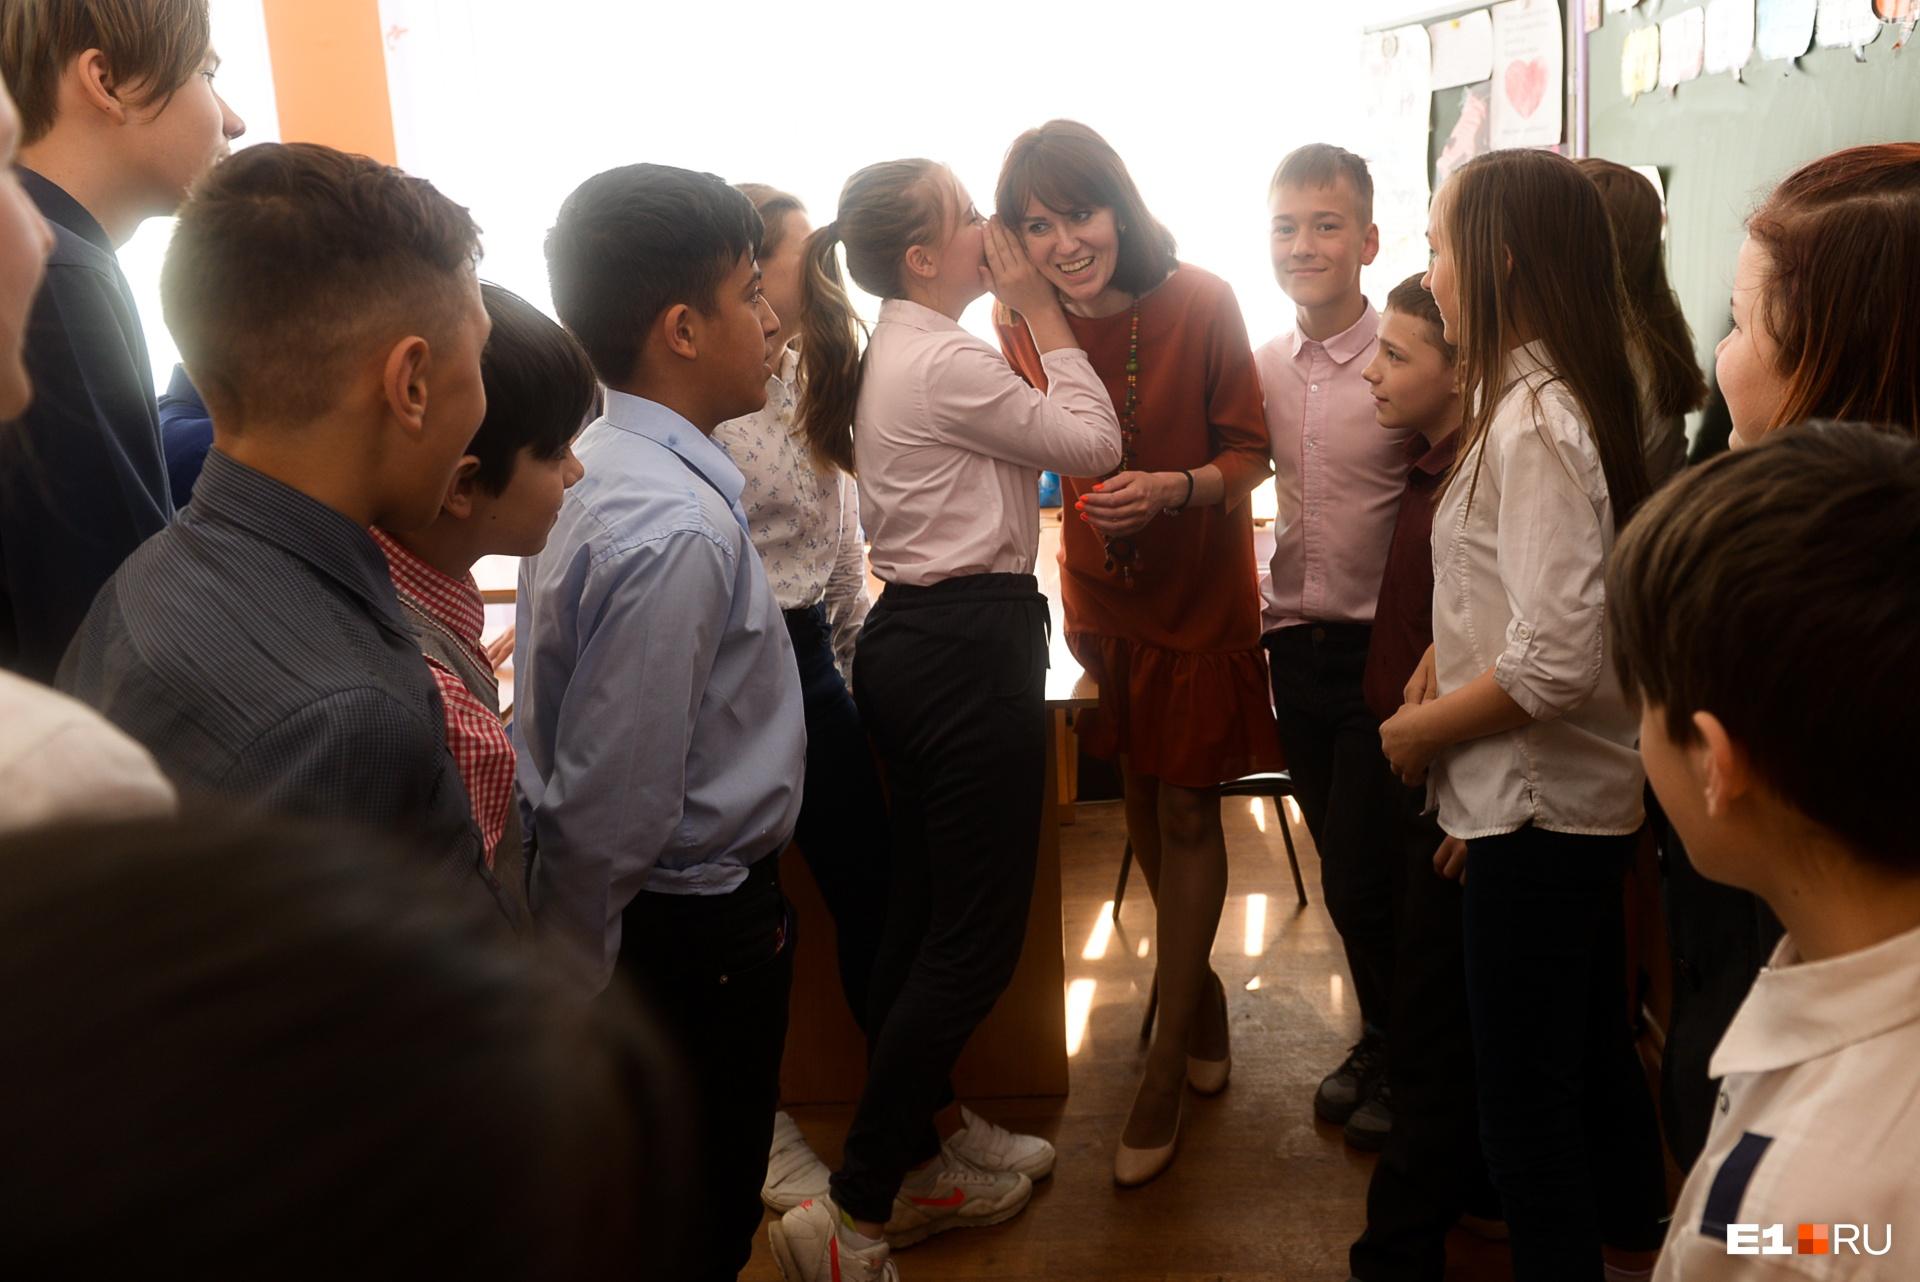 По мнению учителя, нынешние подростки немного несобранные, зато они не боятся взрослых и умеют отстаивать свое мнение